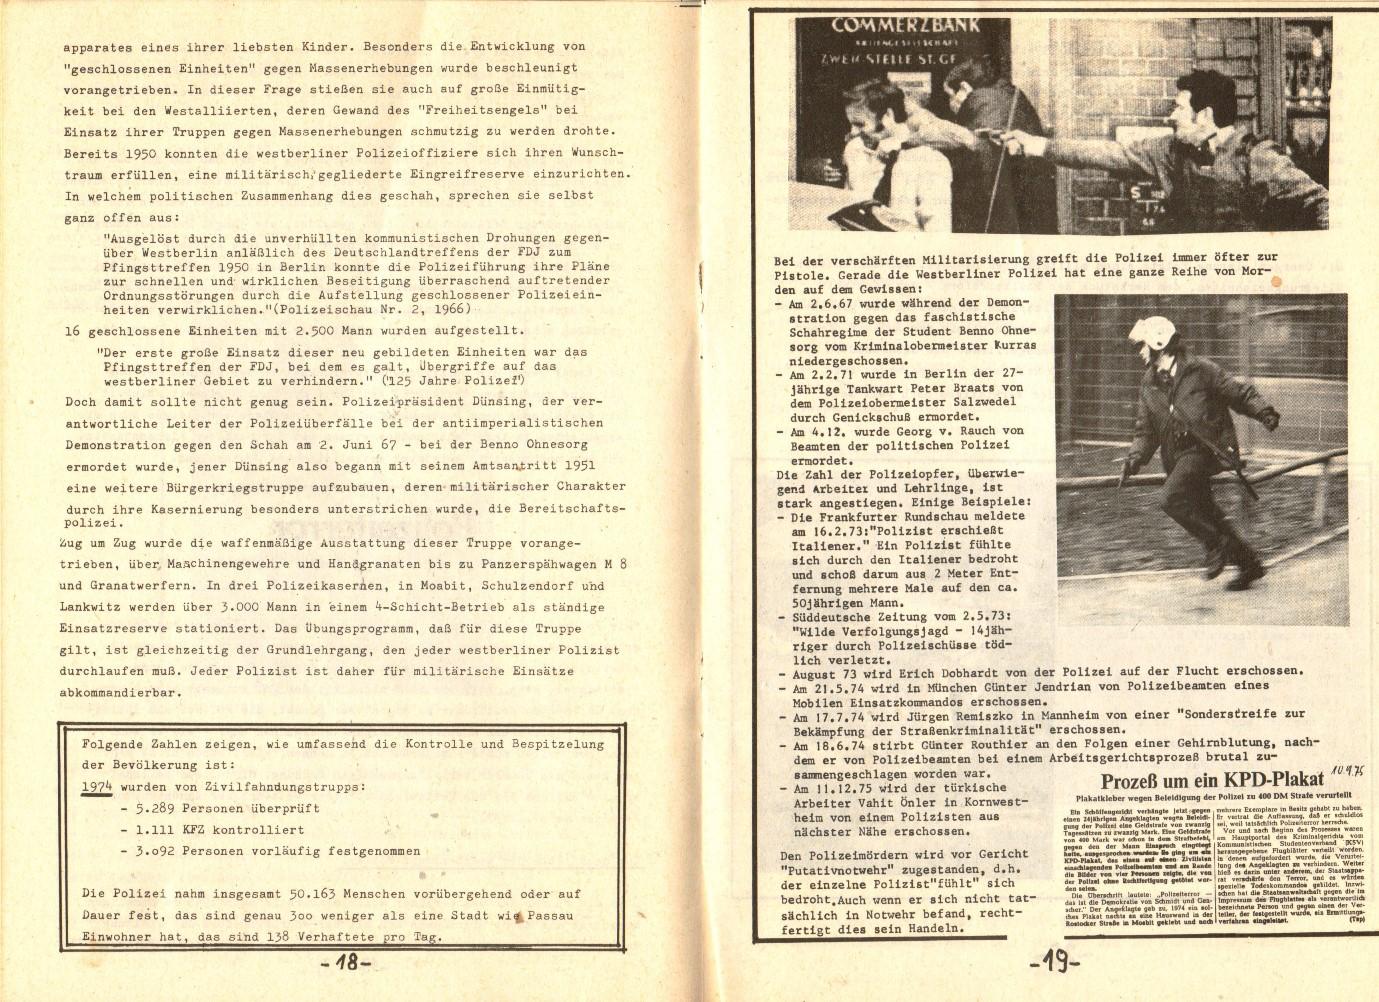 Berlin_KPD_1976_Staatsschutzprozess_11